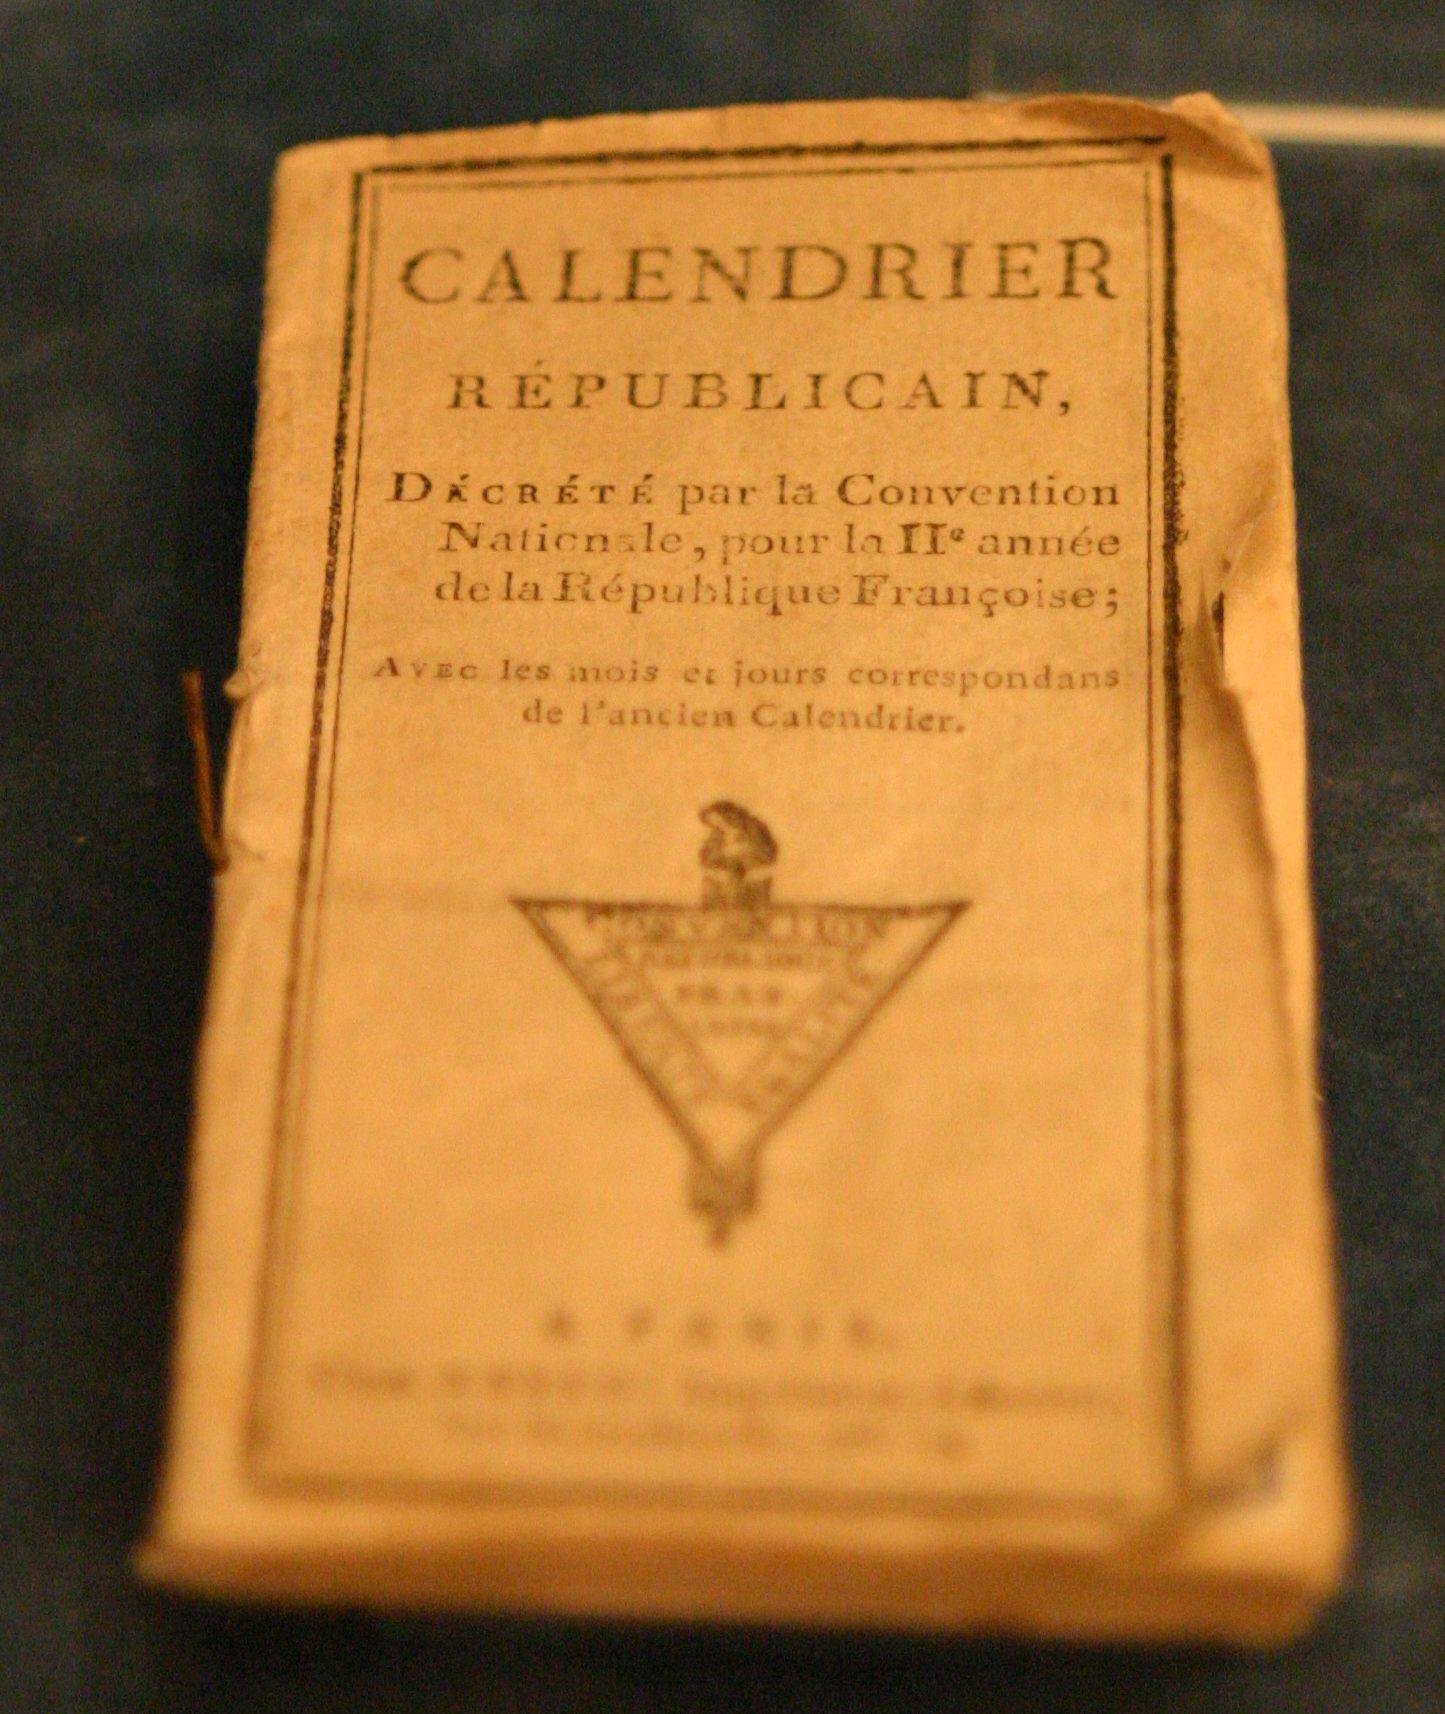 Le Calendrier Revolutionnaire.Calendrier Republicain Wikipedia